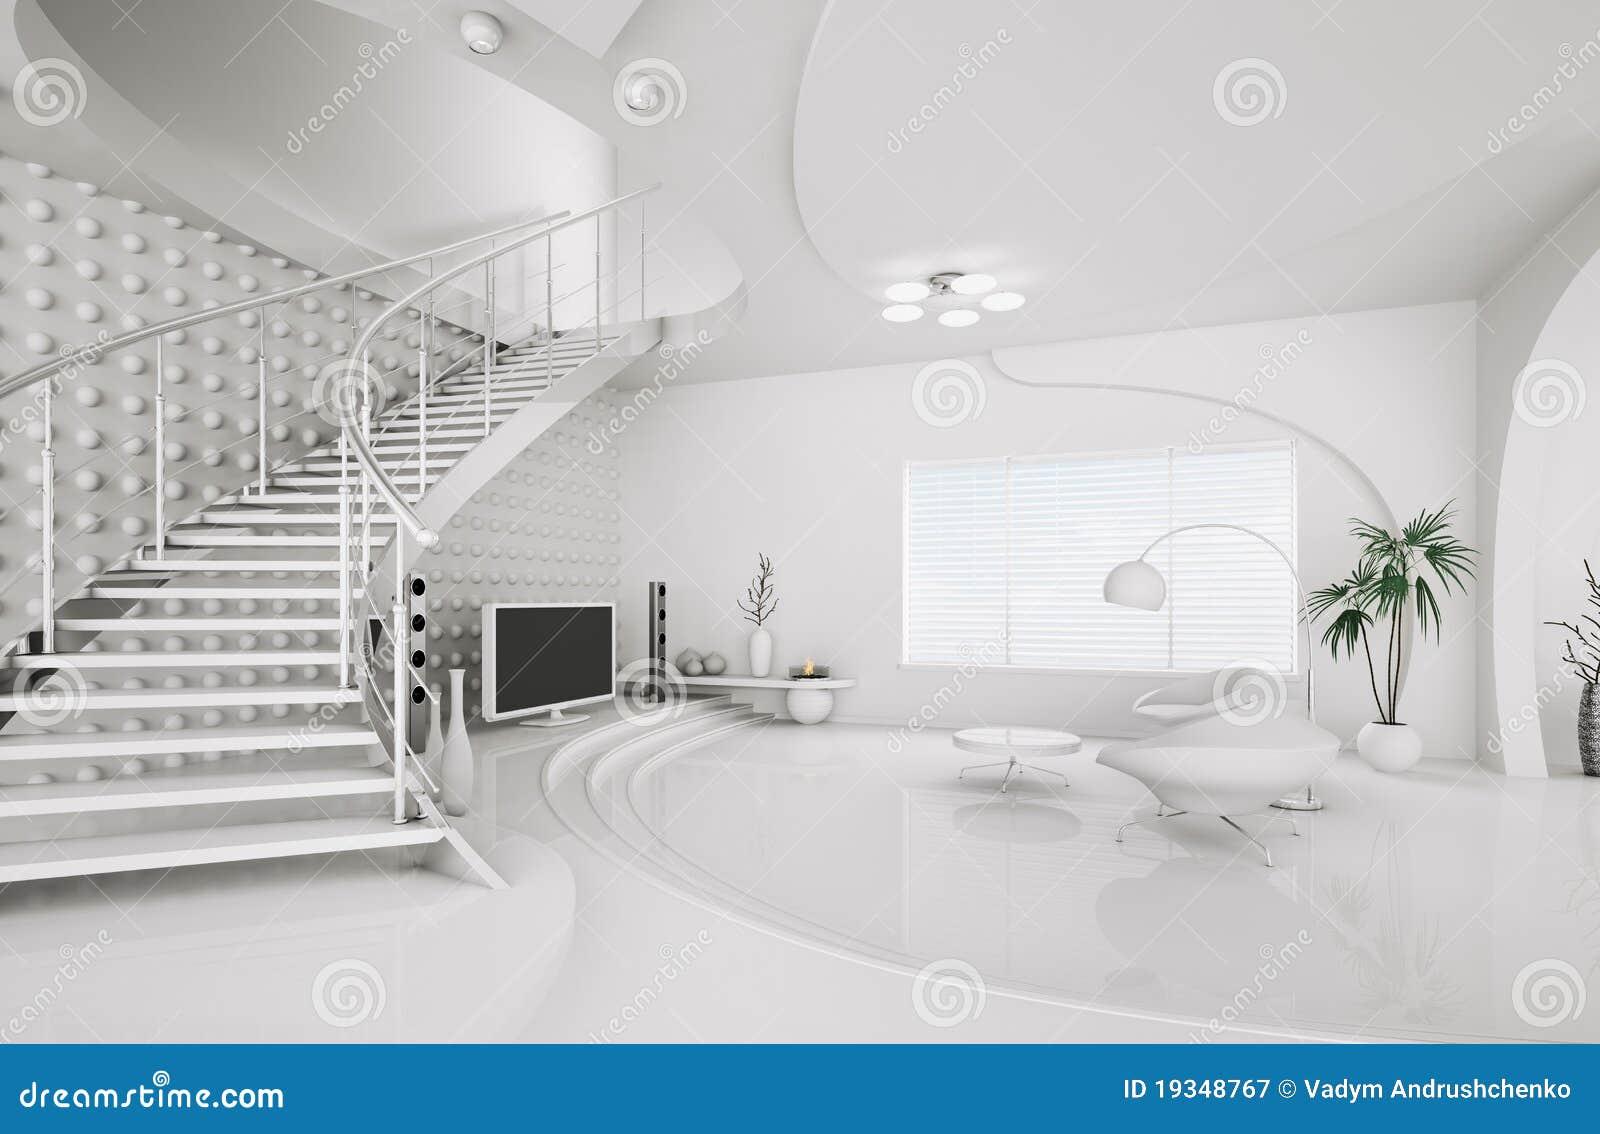 Modern interior design of living room 3d render royalty for Design your room 3d